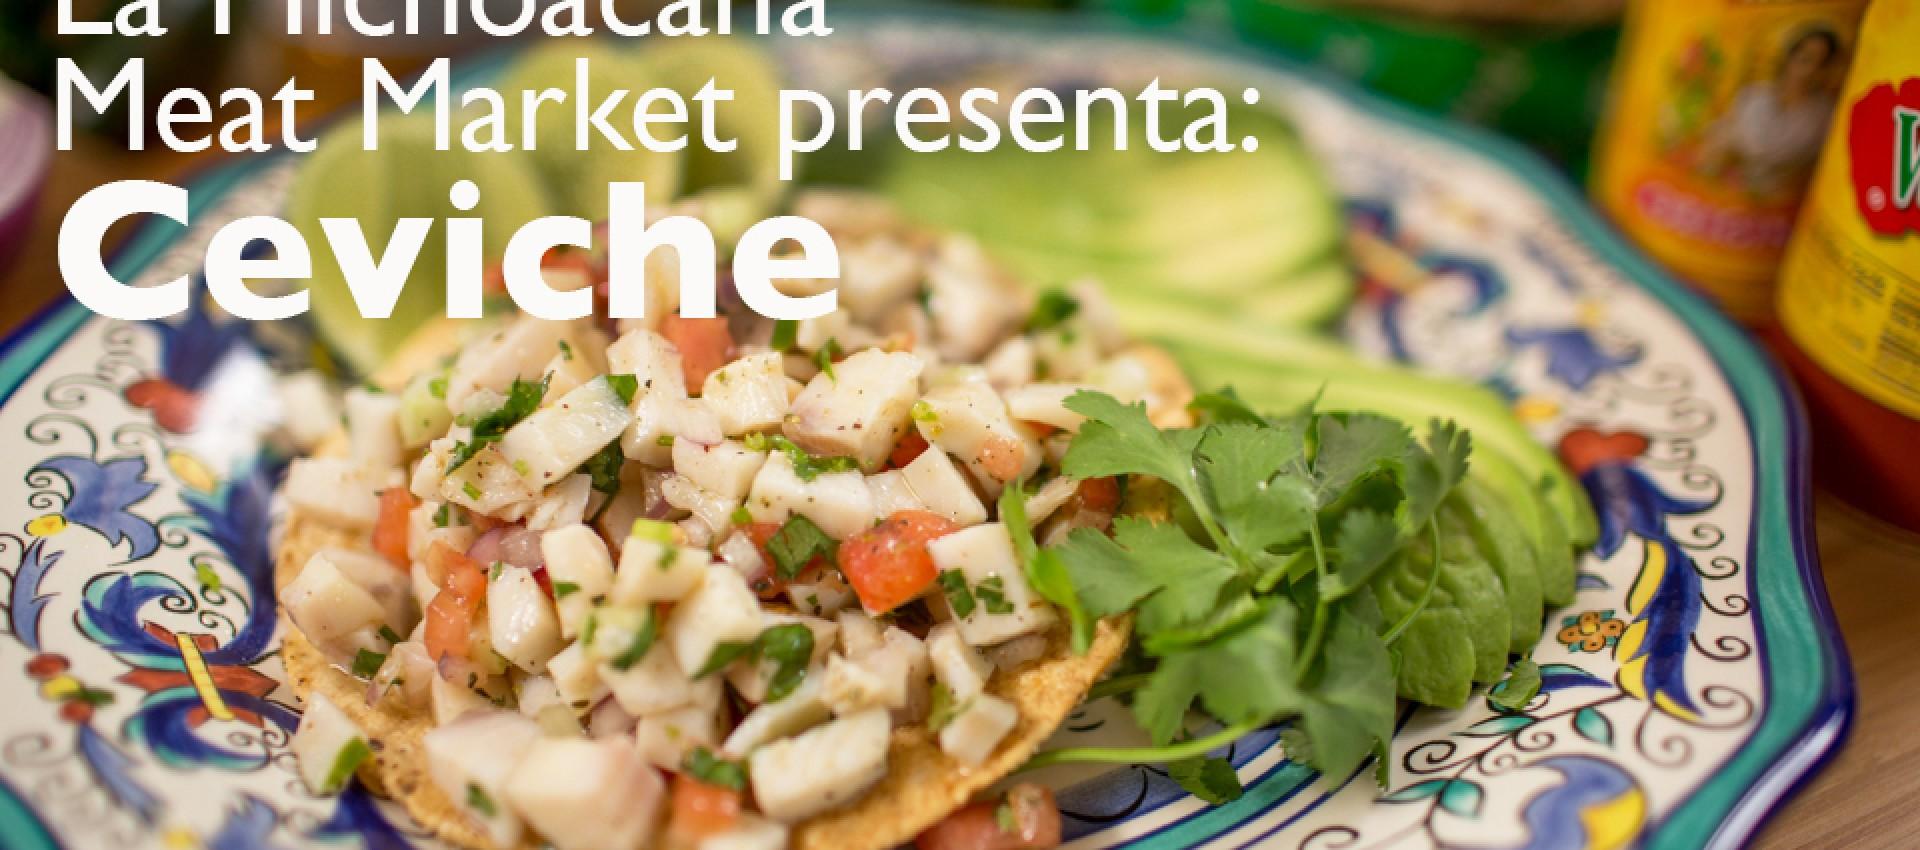 Fish Ceviche Image